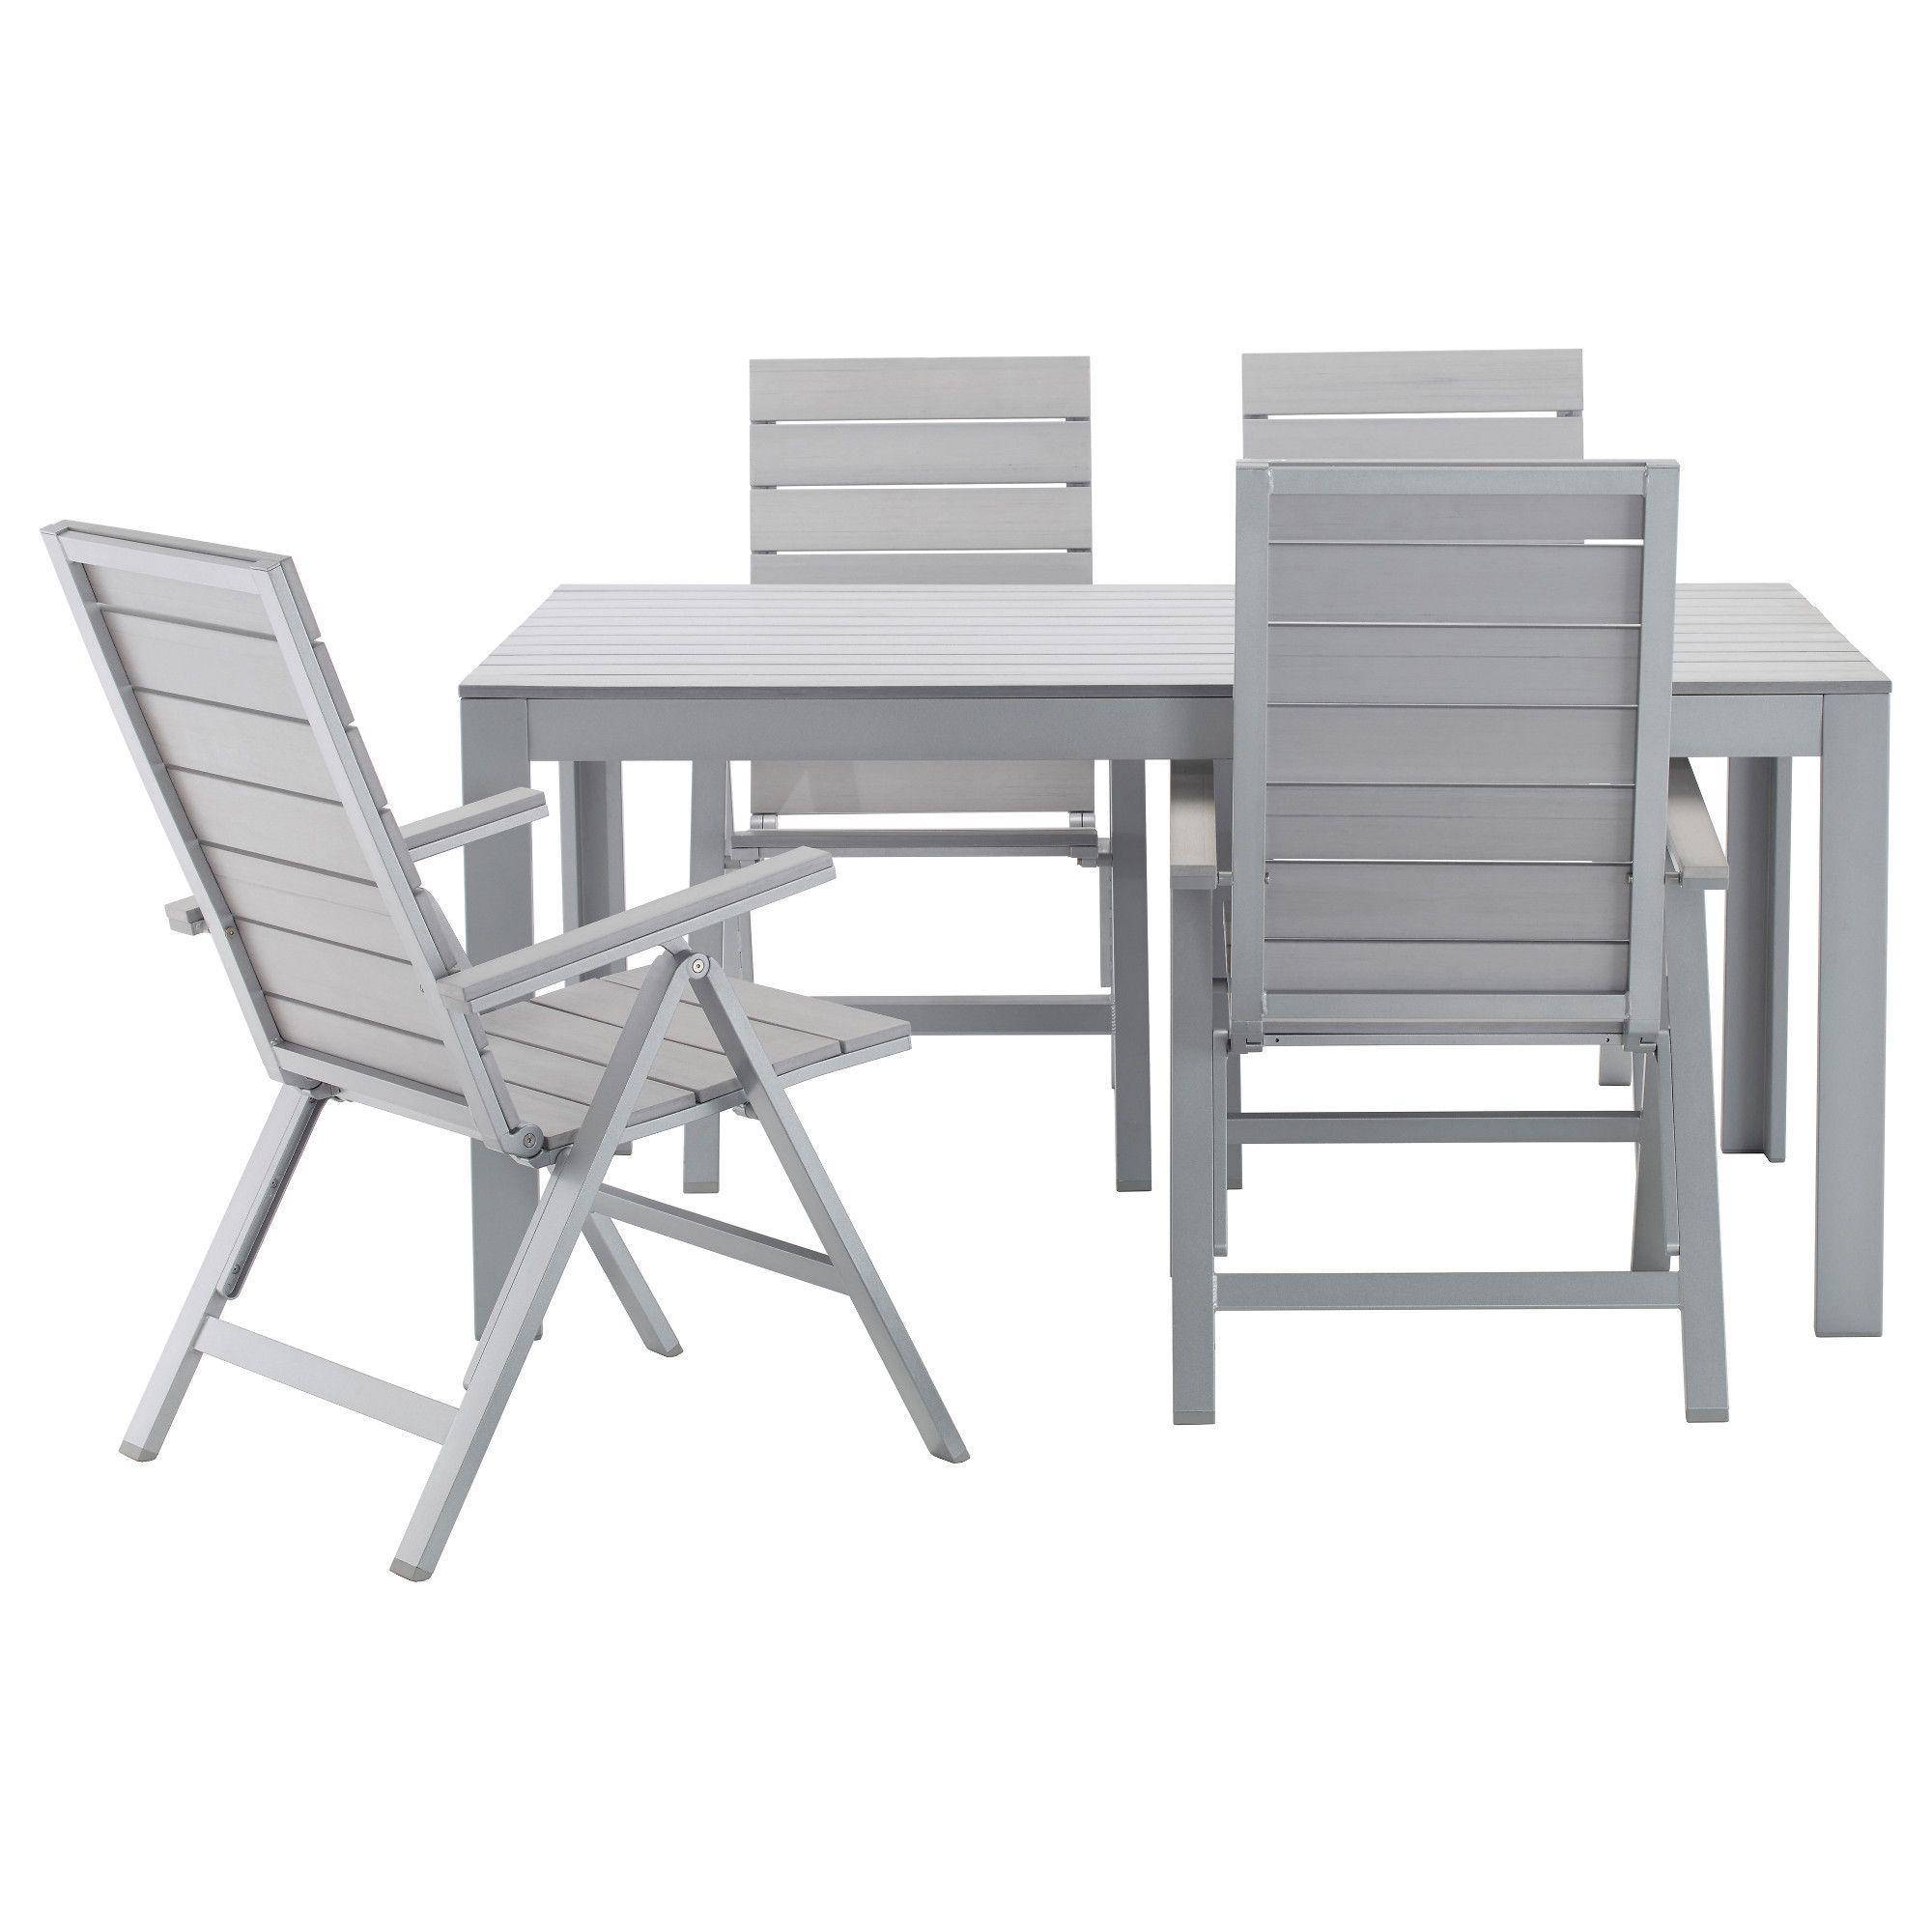 polster fr hochlehner simple polster fr hochlehner blau gartenstuhl auflage mit haltegurt. Black Bedroom Furniture Sets. Home Design Ideas